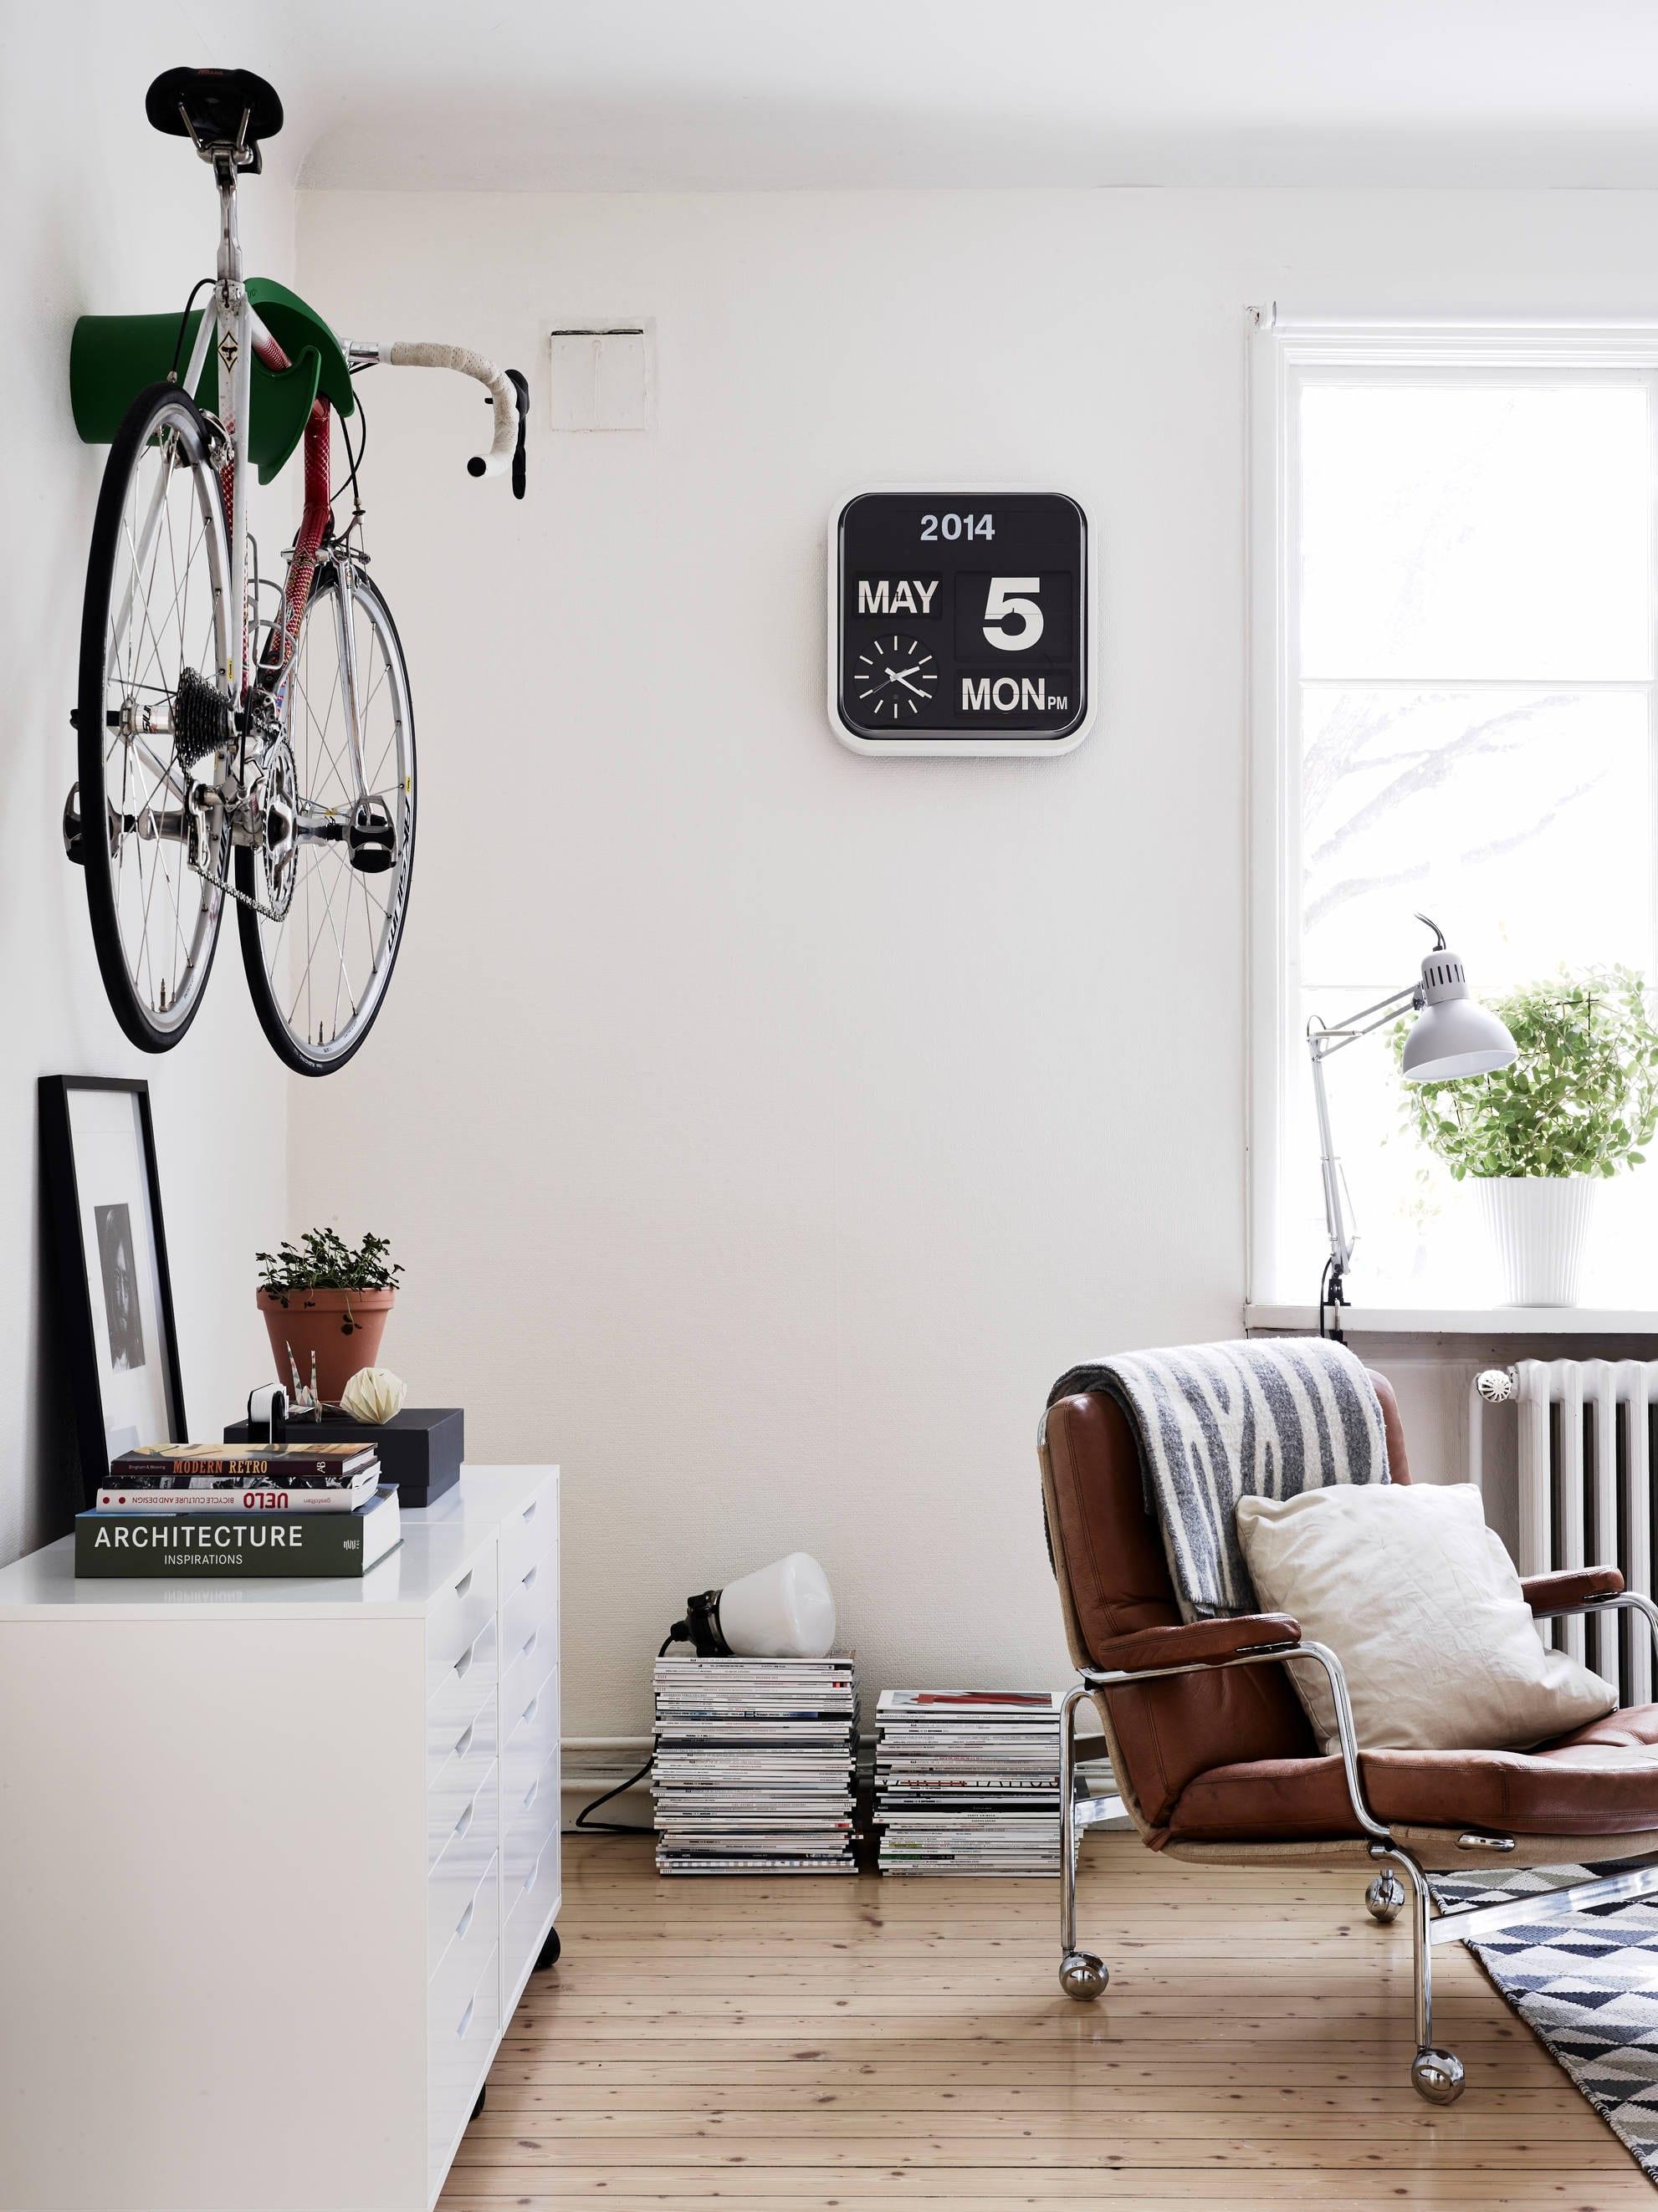 Fahrrad aufbewahrung im wohnzimmer freshouse for Mein zimmer gestalten